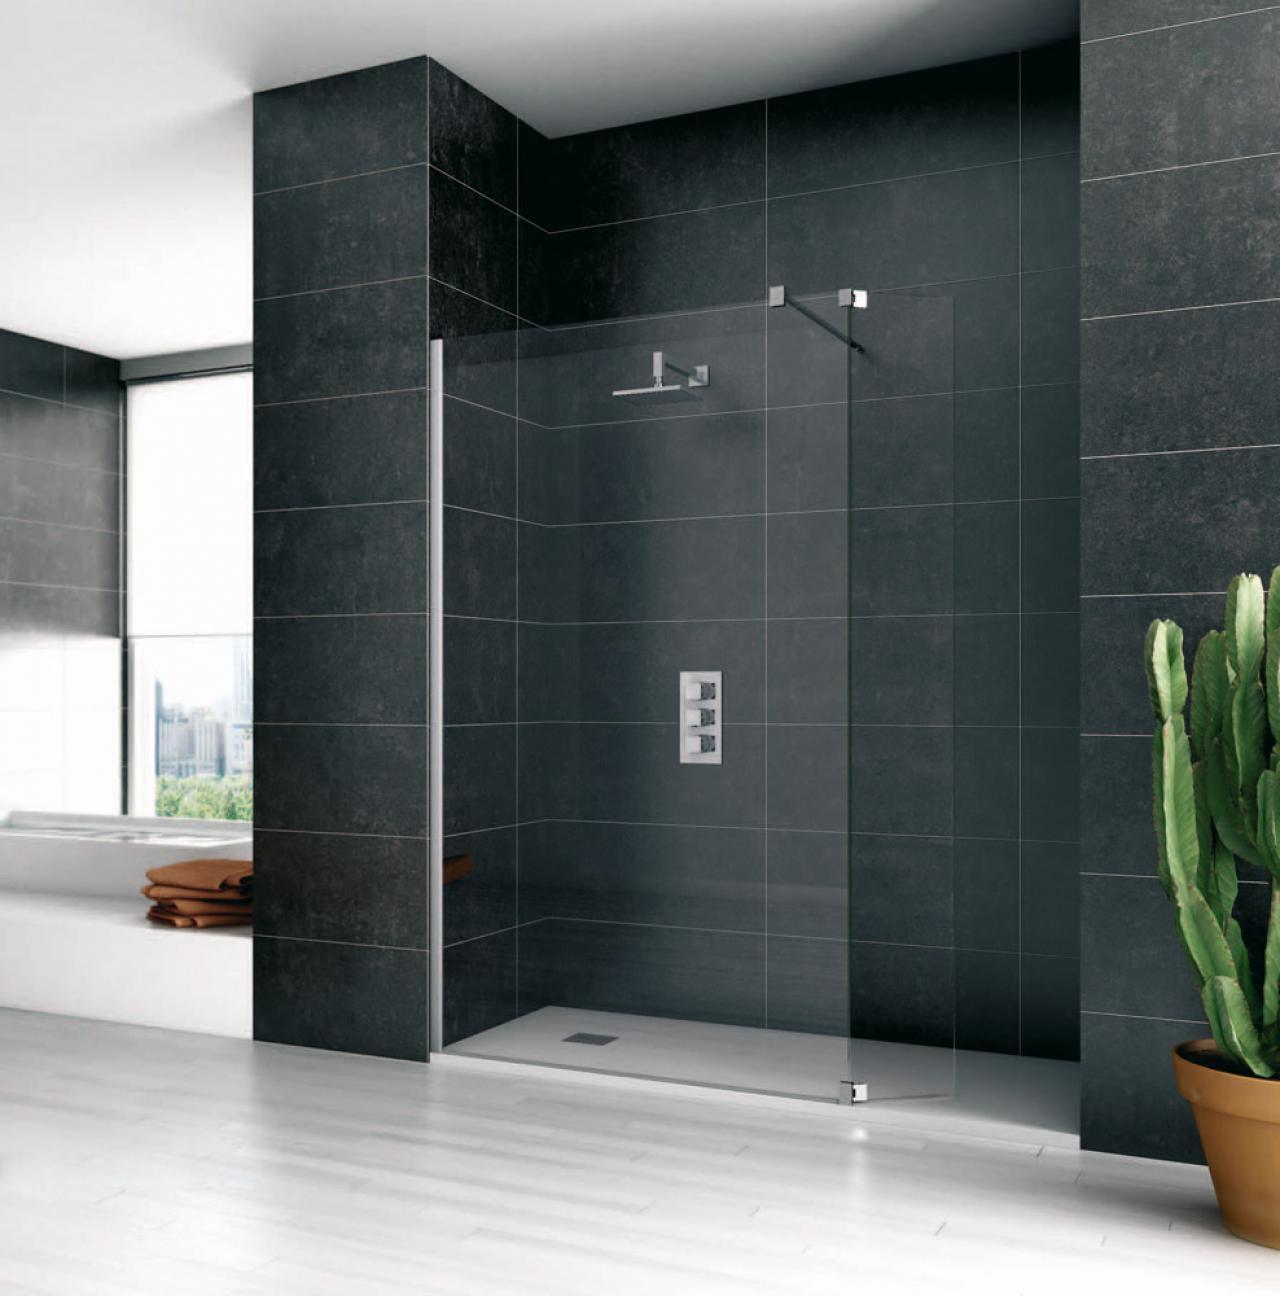 Il vetro nel bagno mobili box doccia accessori for Box doccia tda